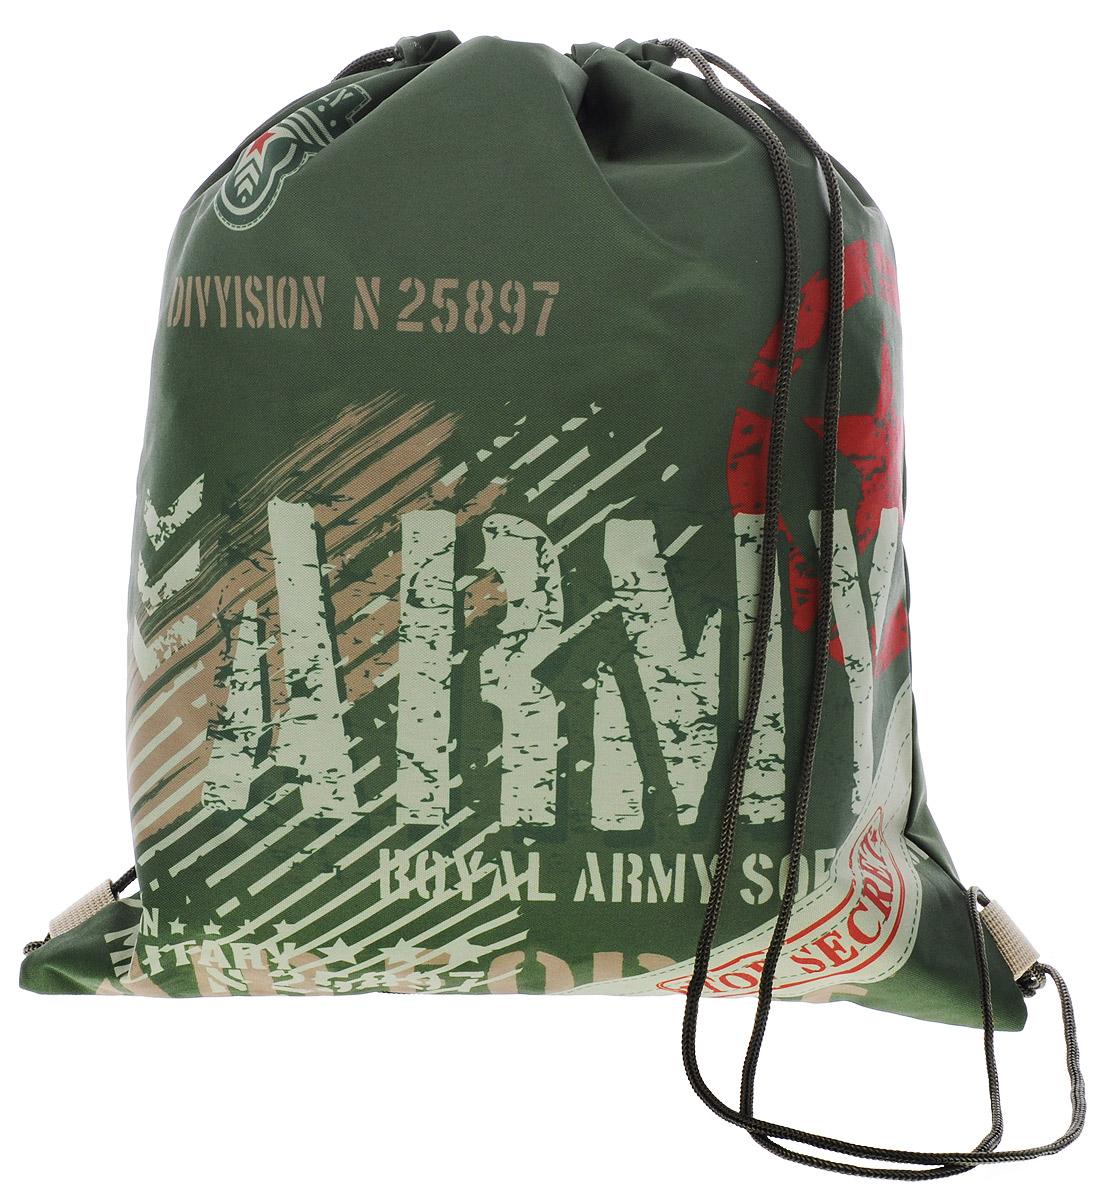 Grizzly Мешок для обуви ArmyOM-667-9/1Мешок для обуви Grizzly Army идеально подойдет как для хранения, так и для переноски сменной обуви и одежды.Мешок выполнен из прочного материала и содержит одно вместительное отделение, затягивающееся с помощью текстильных шнурков. Шнурки фиксируются в нижней части сумки, благодаря чему ее можно носить за спиной как рюкзак.Ваш ребенок с радостью будет ходить с таким аксессуаром в школу!Уход: протирать мыльным раствором (без хлора) при температуре не выше 30 градусов.